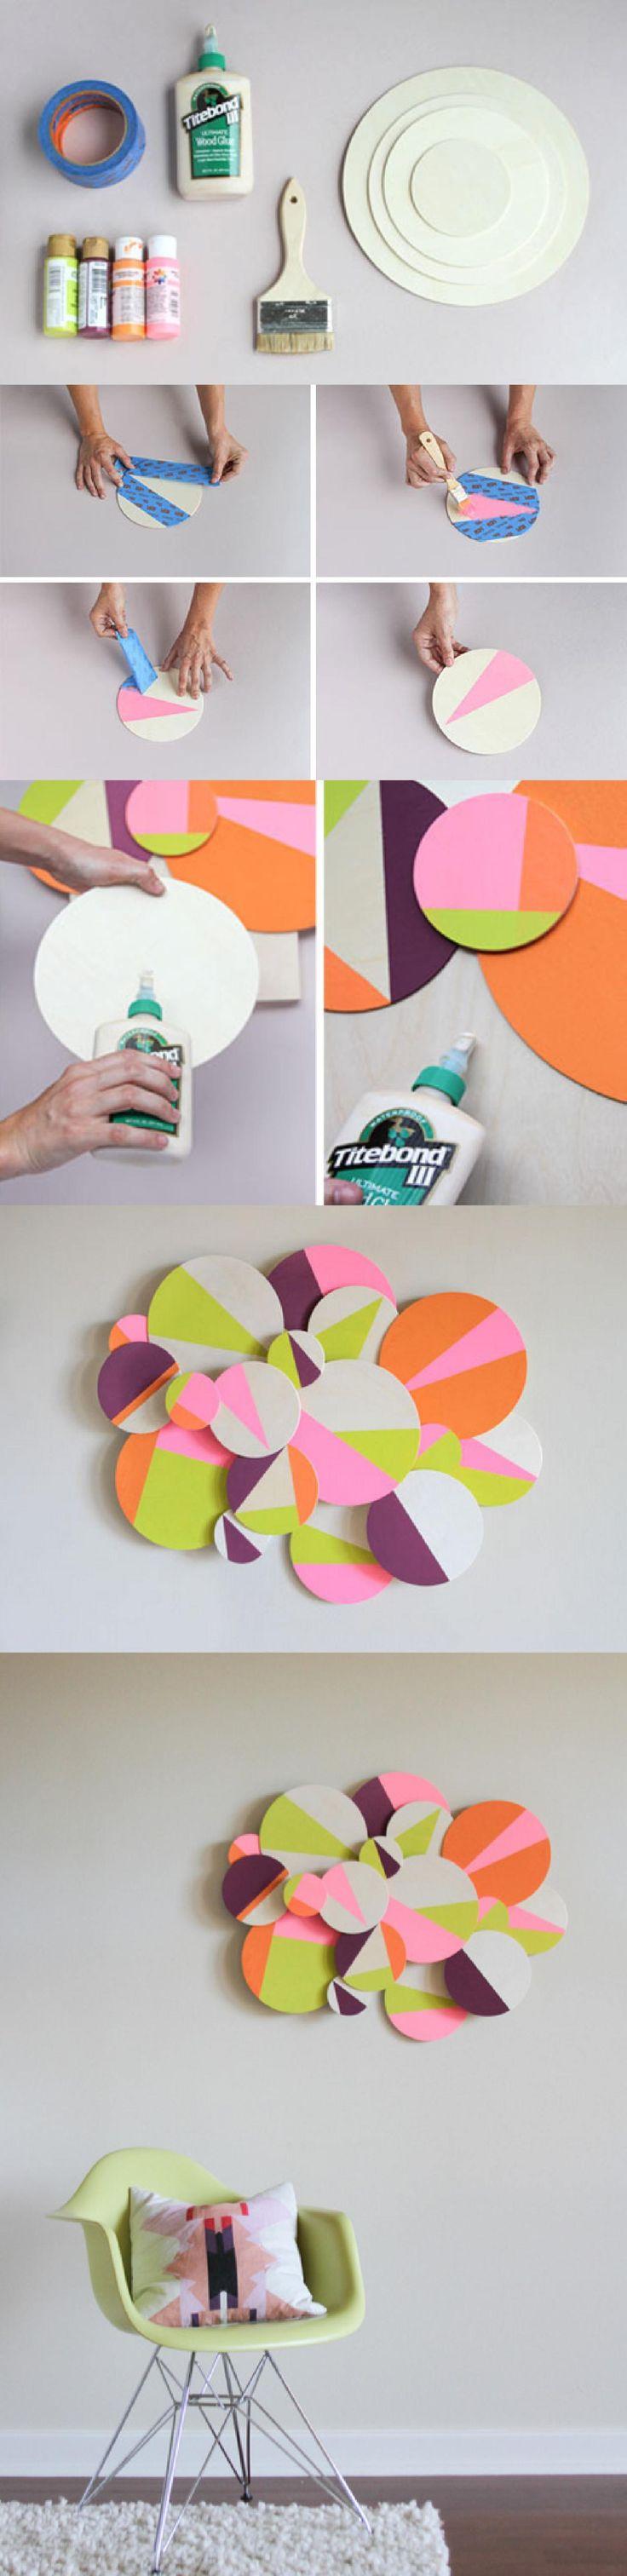 1160 besten DIY Bilder auf Pinterest | Recycling, Bastelei und Diy ...